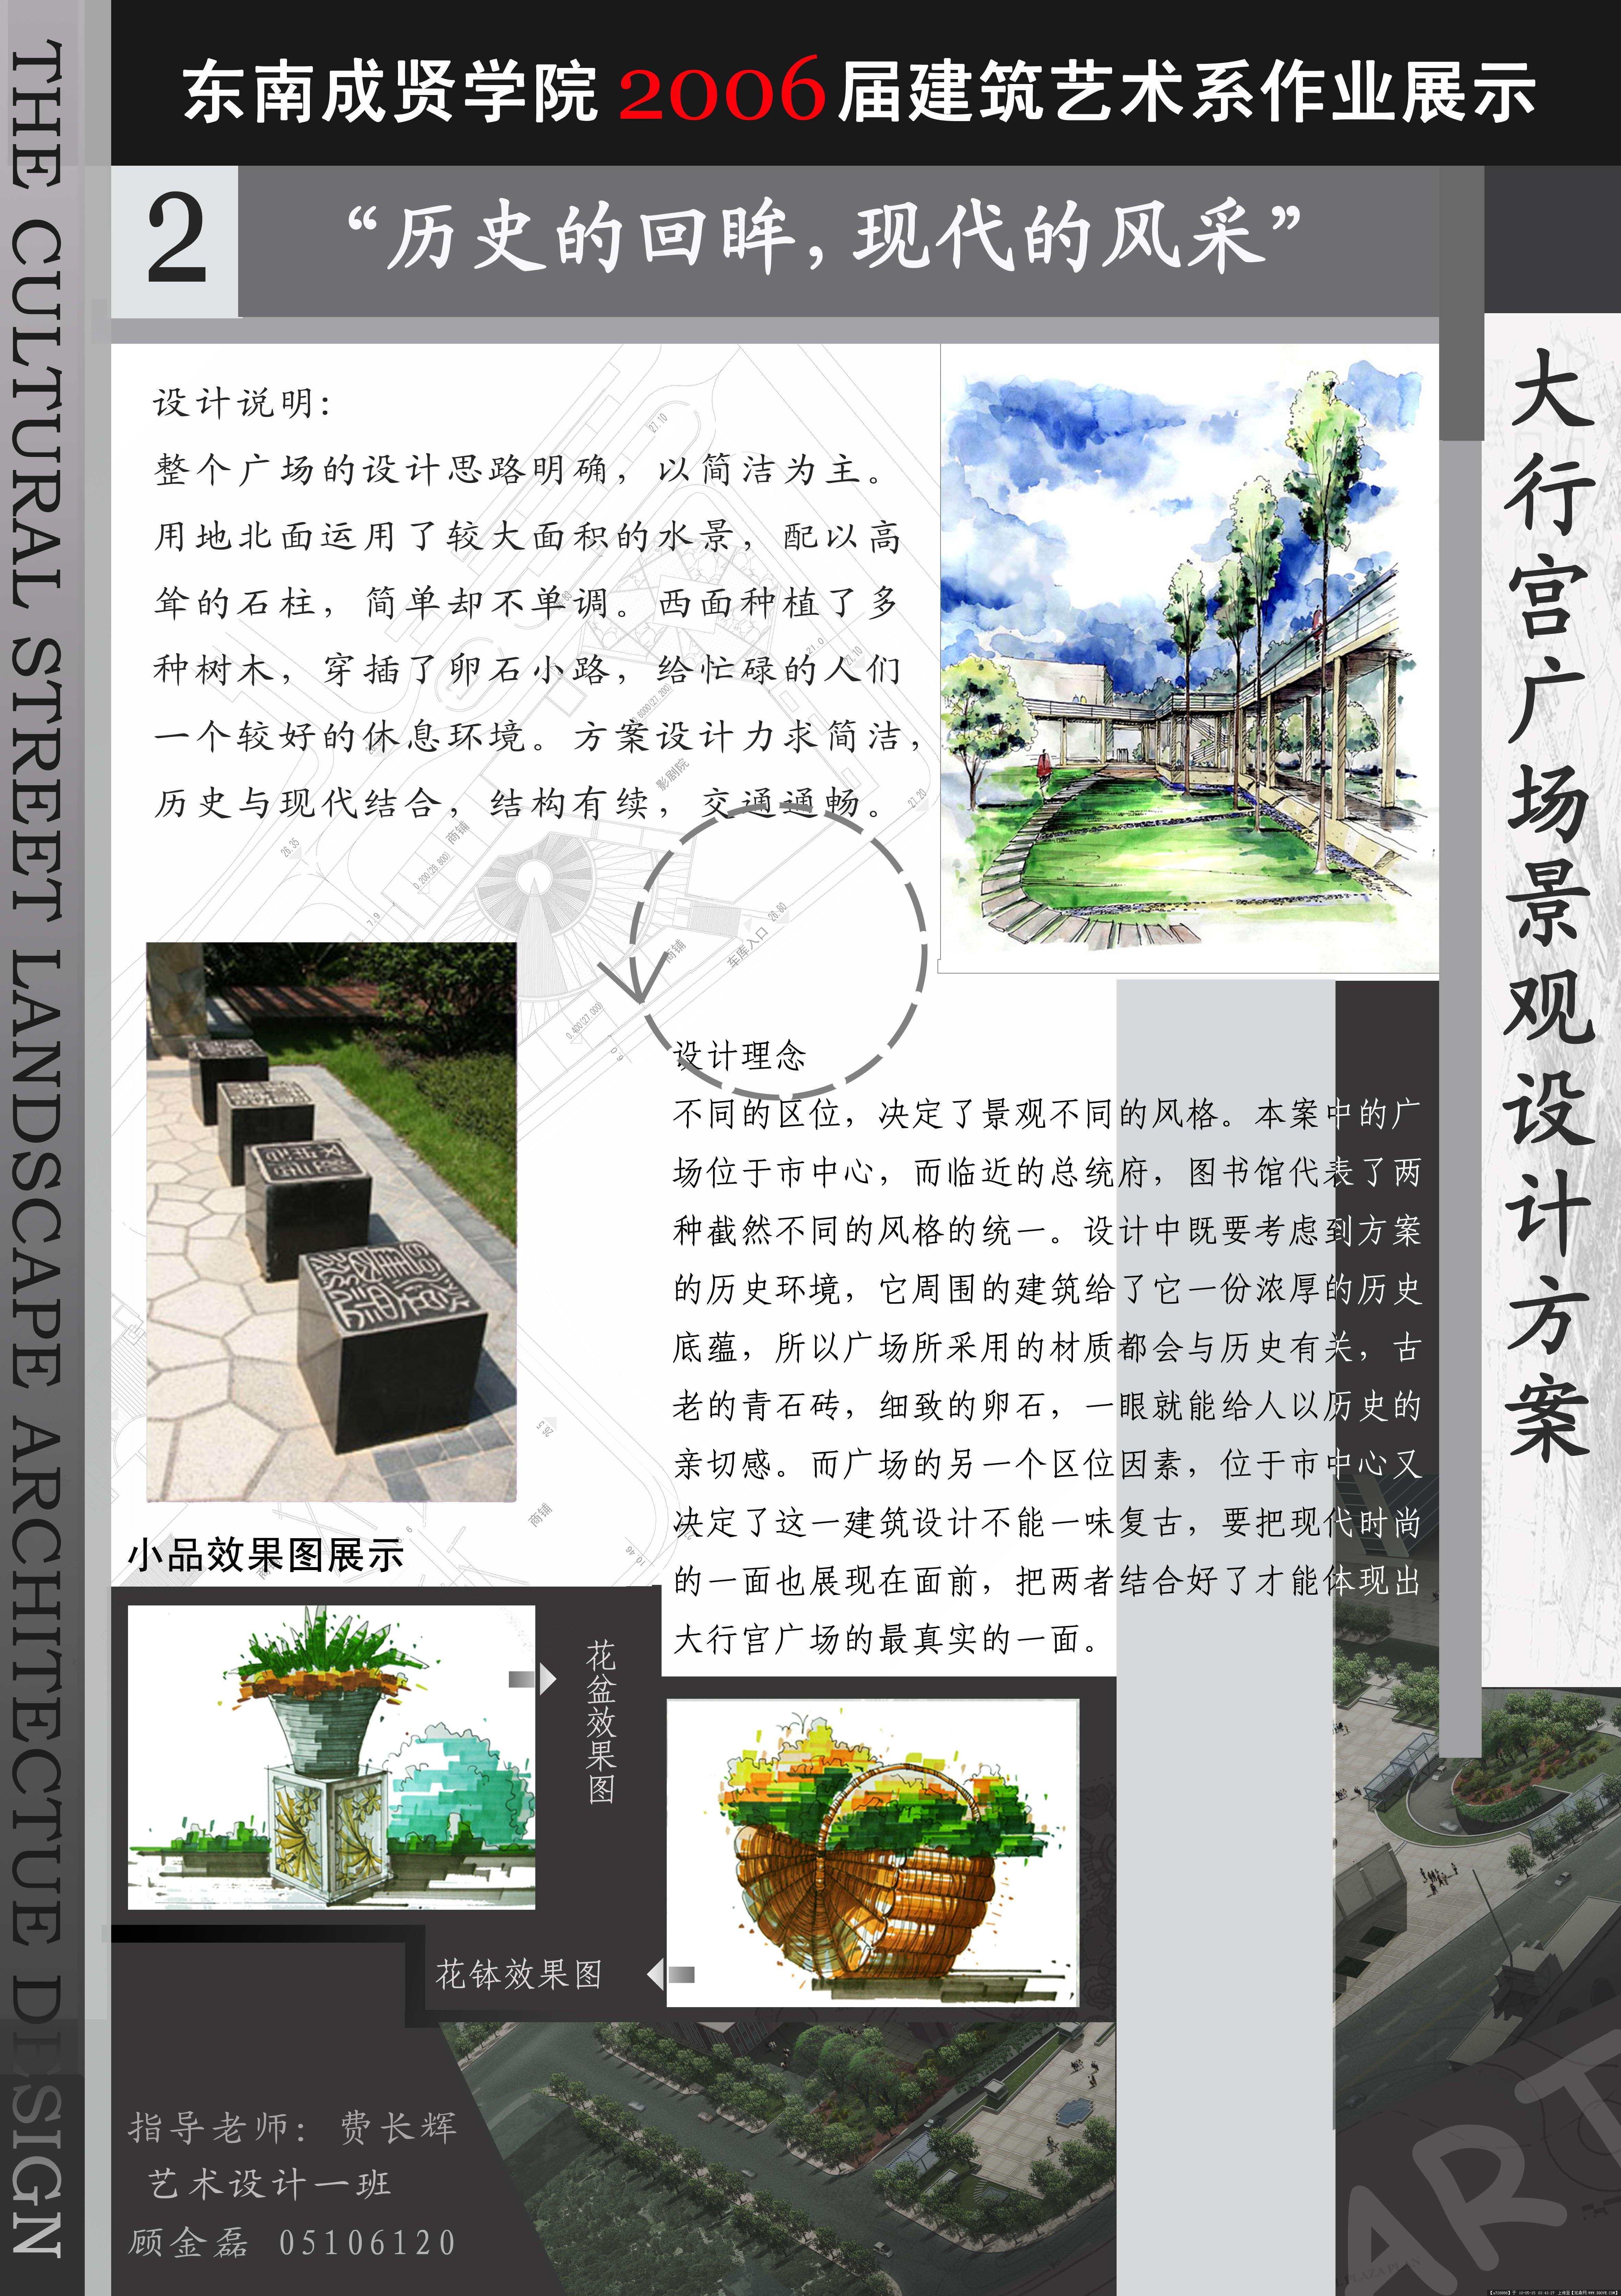 文字排版 免费文字排版背景图片设计素材模板下载